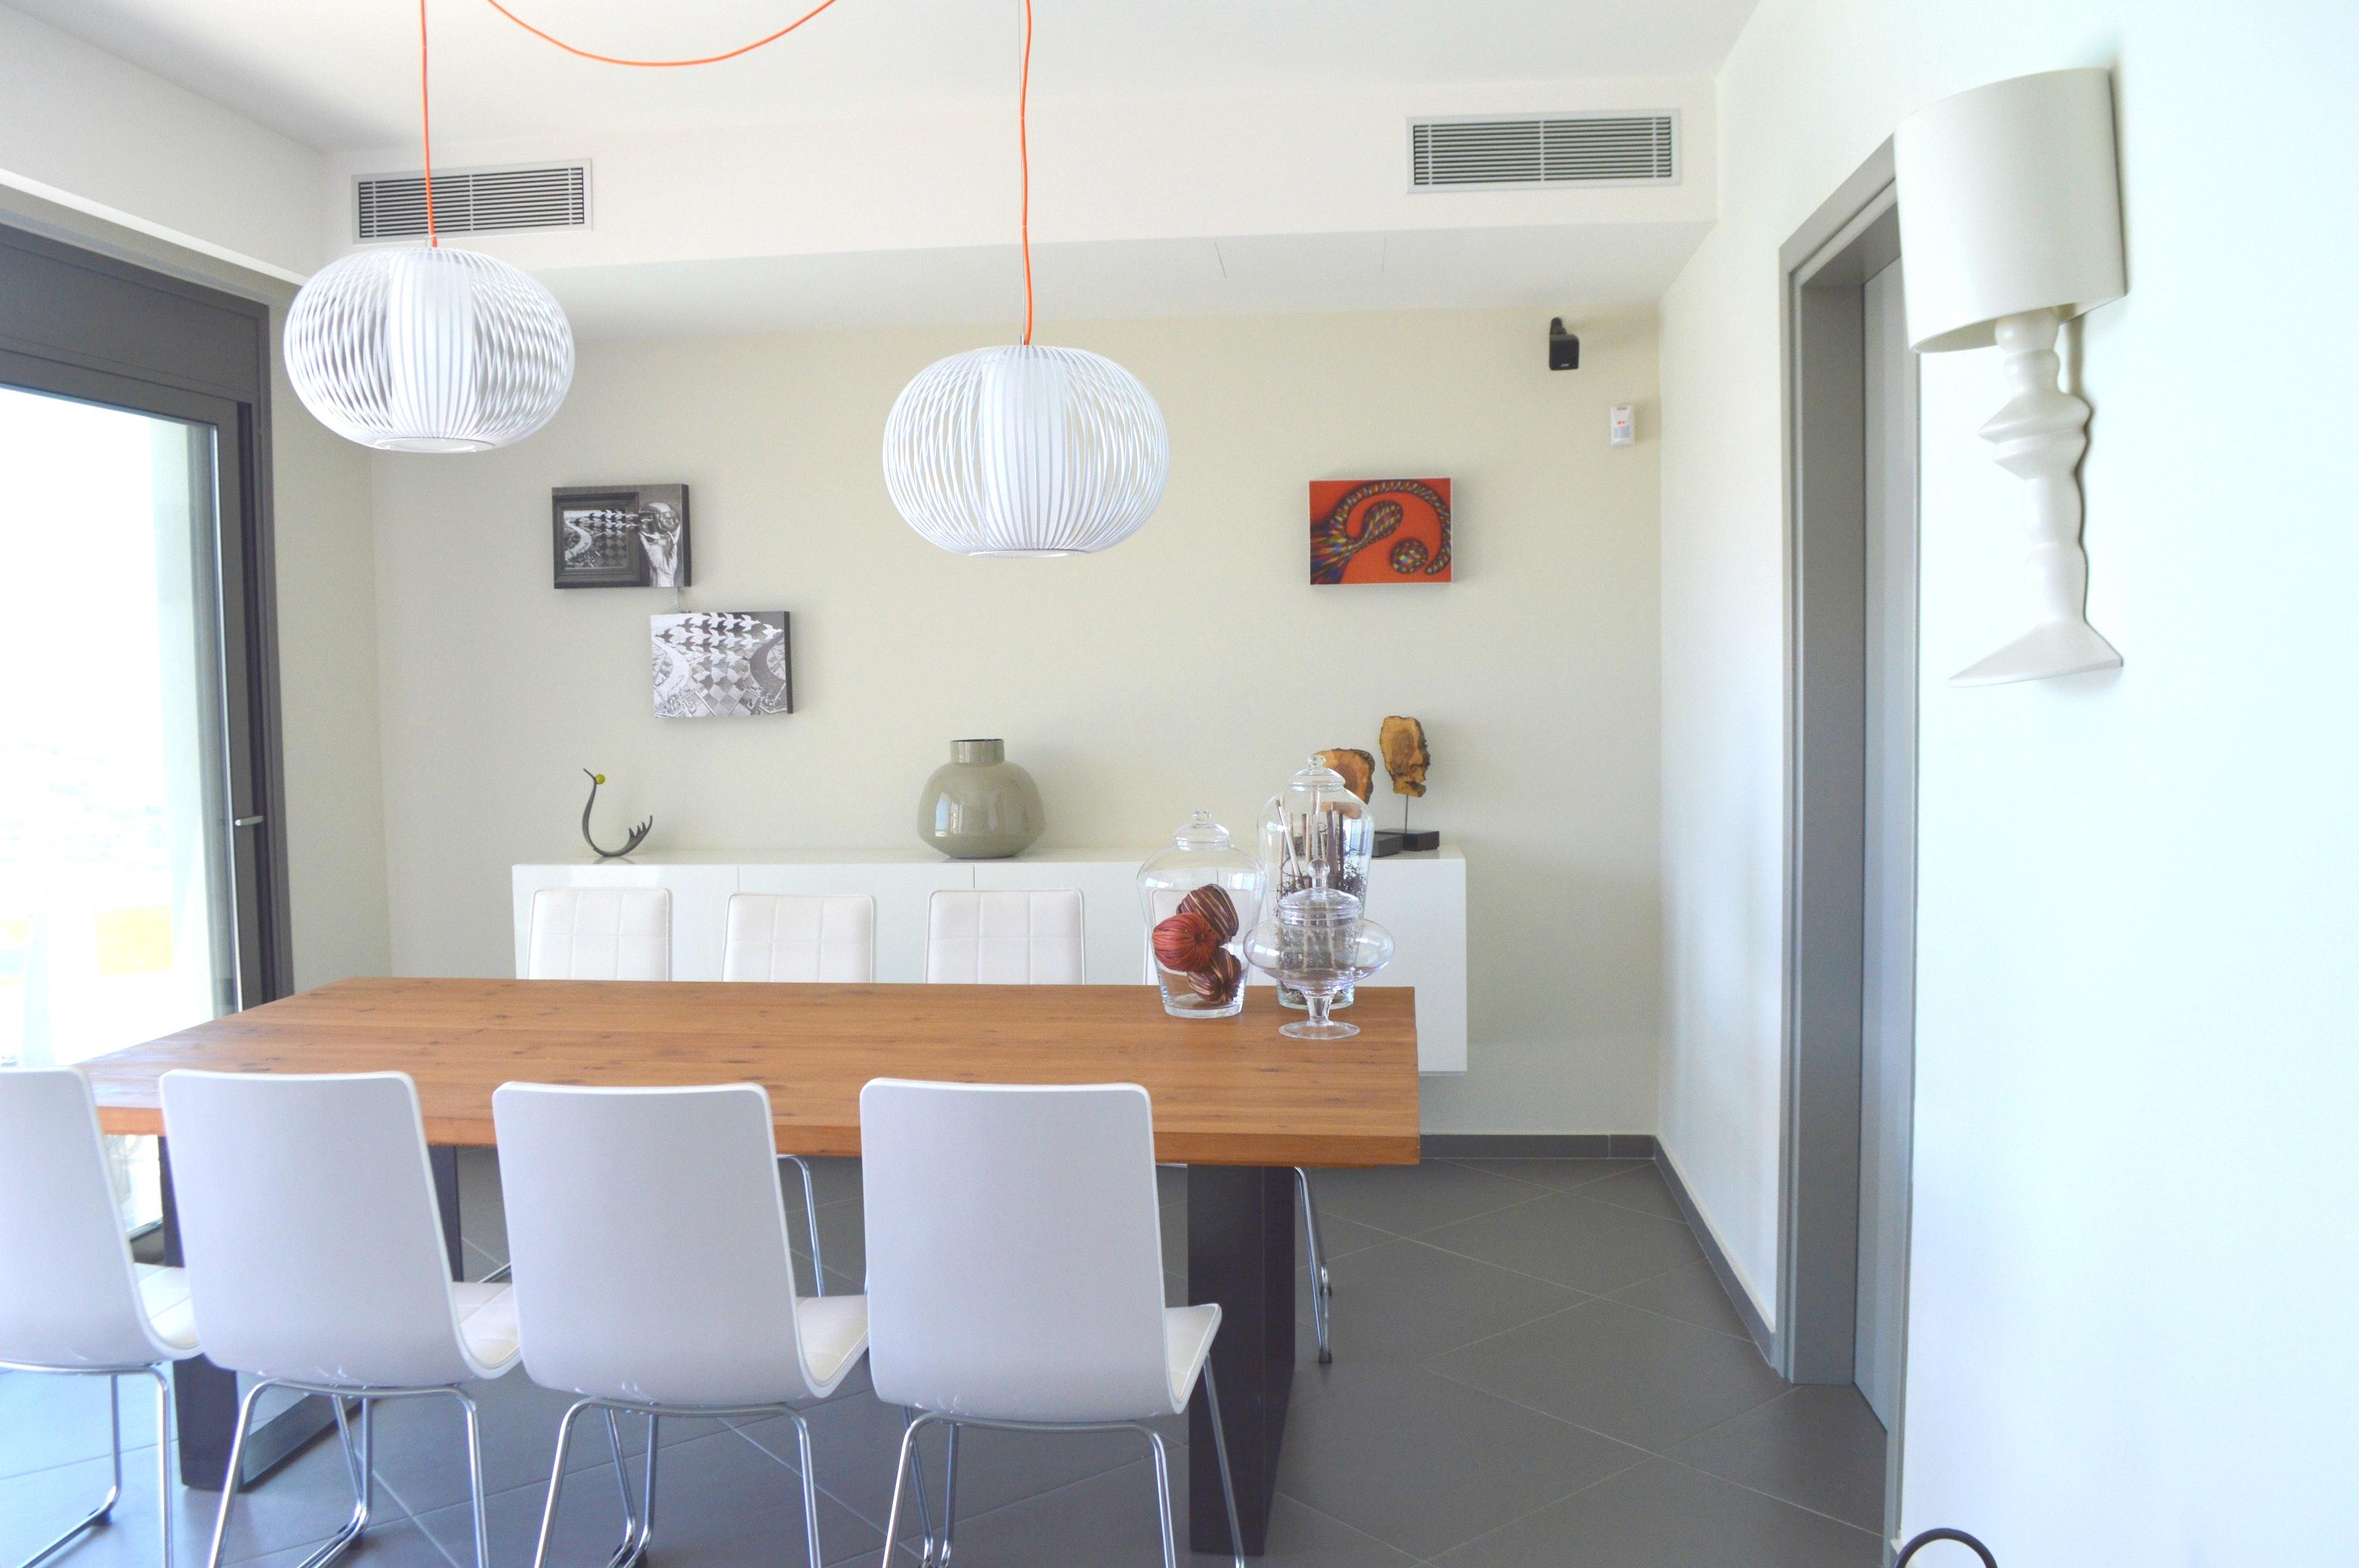 Maison de vacances Villa mit 4 Schlafzimmern in Anavissos mit herrlichem Meerblick, privatem Pool, eingezäunt (2339408), Thimari, , Attique, Grèce, image 6